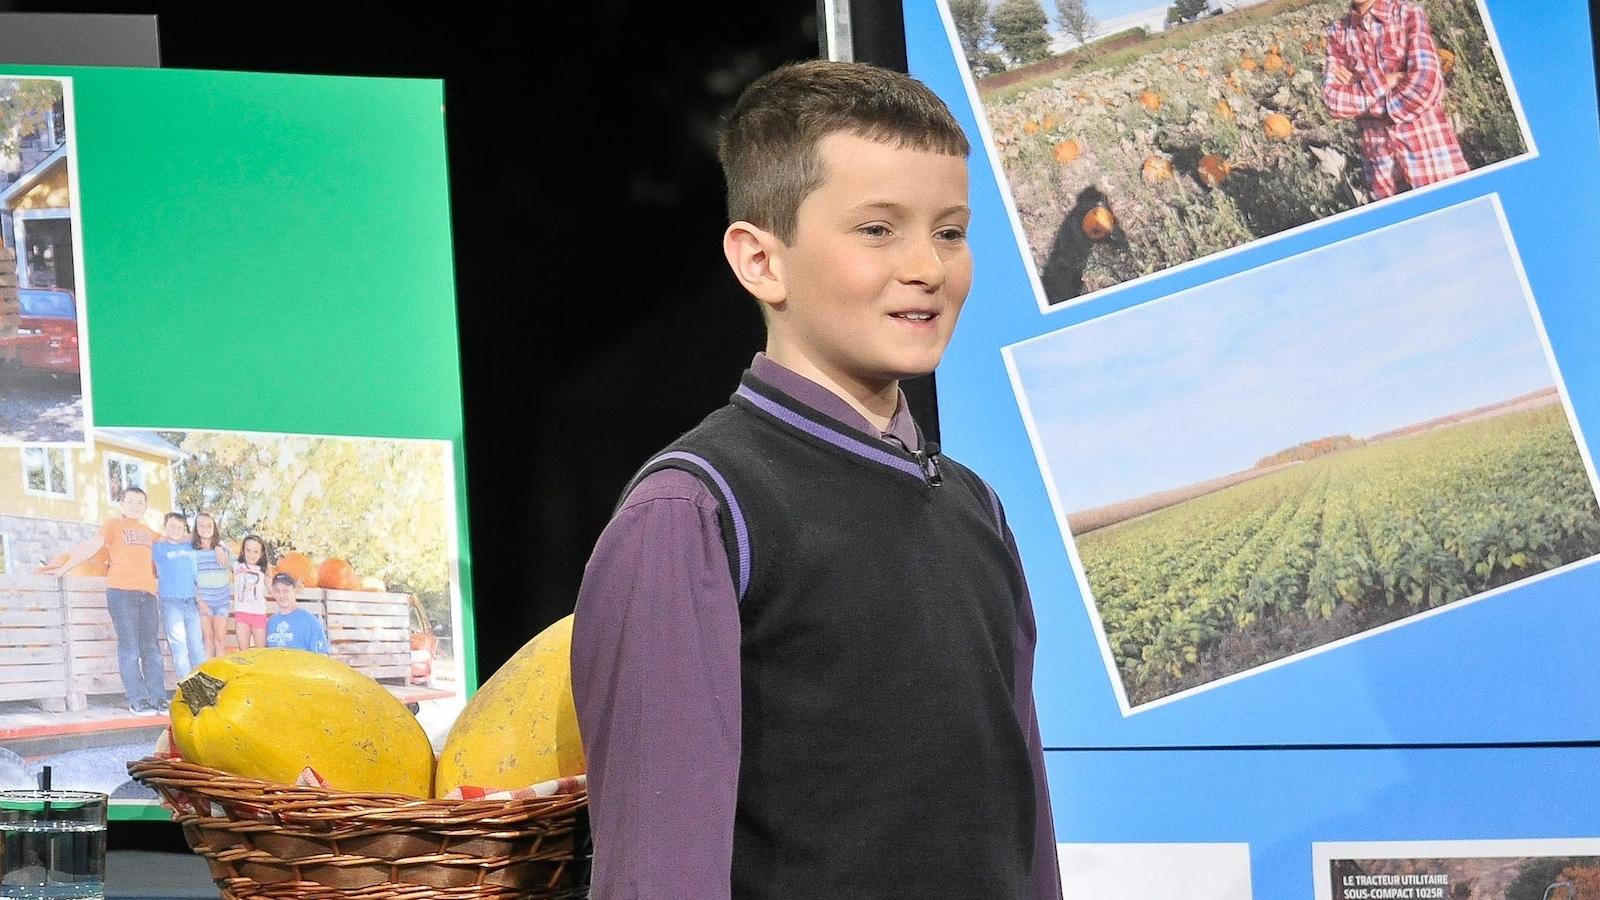 Le garçons qui présente son entreprise sur le plateau de l'émission.